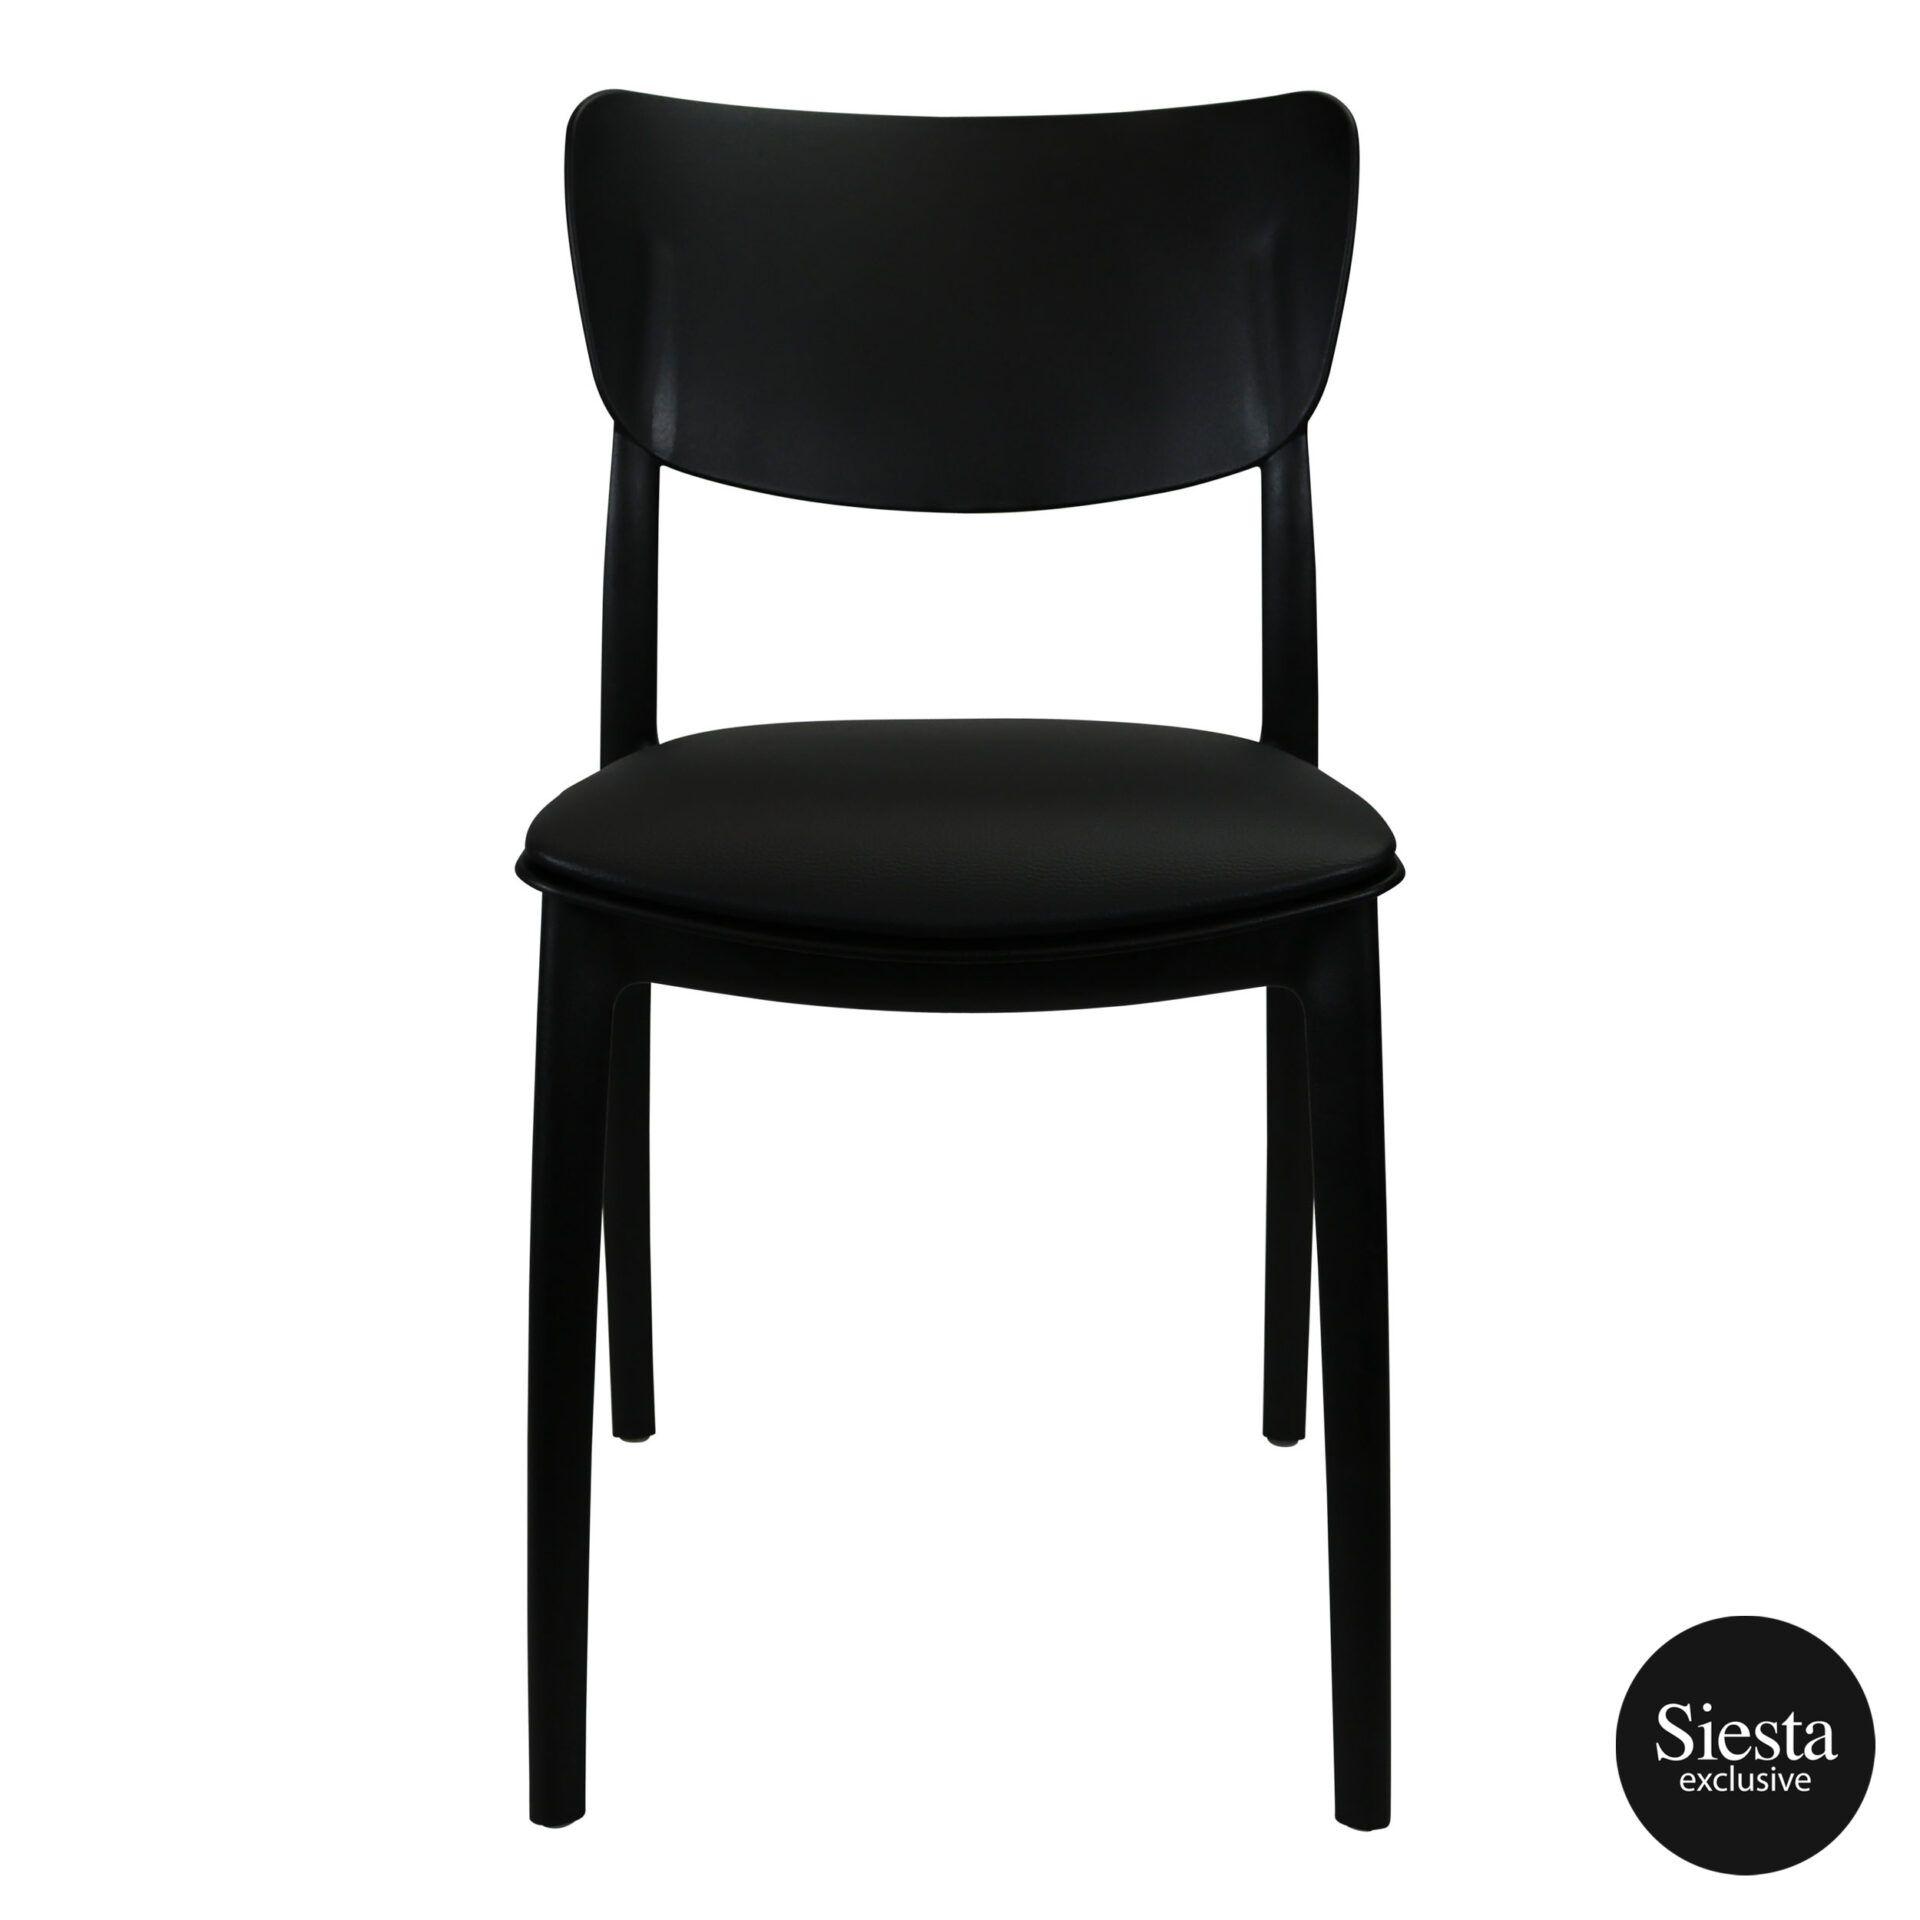 monna chair black c7